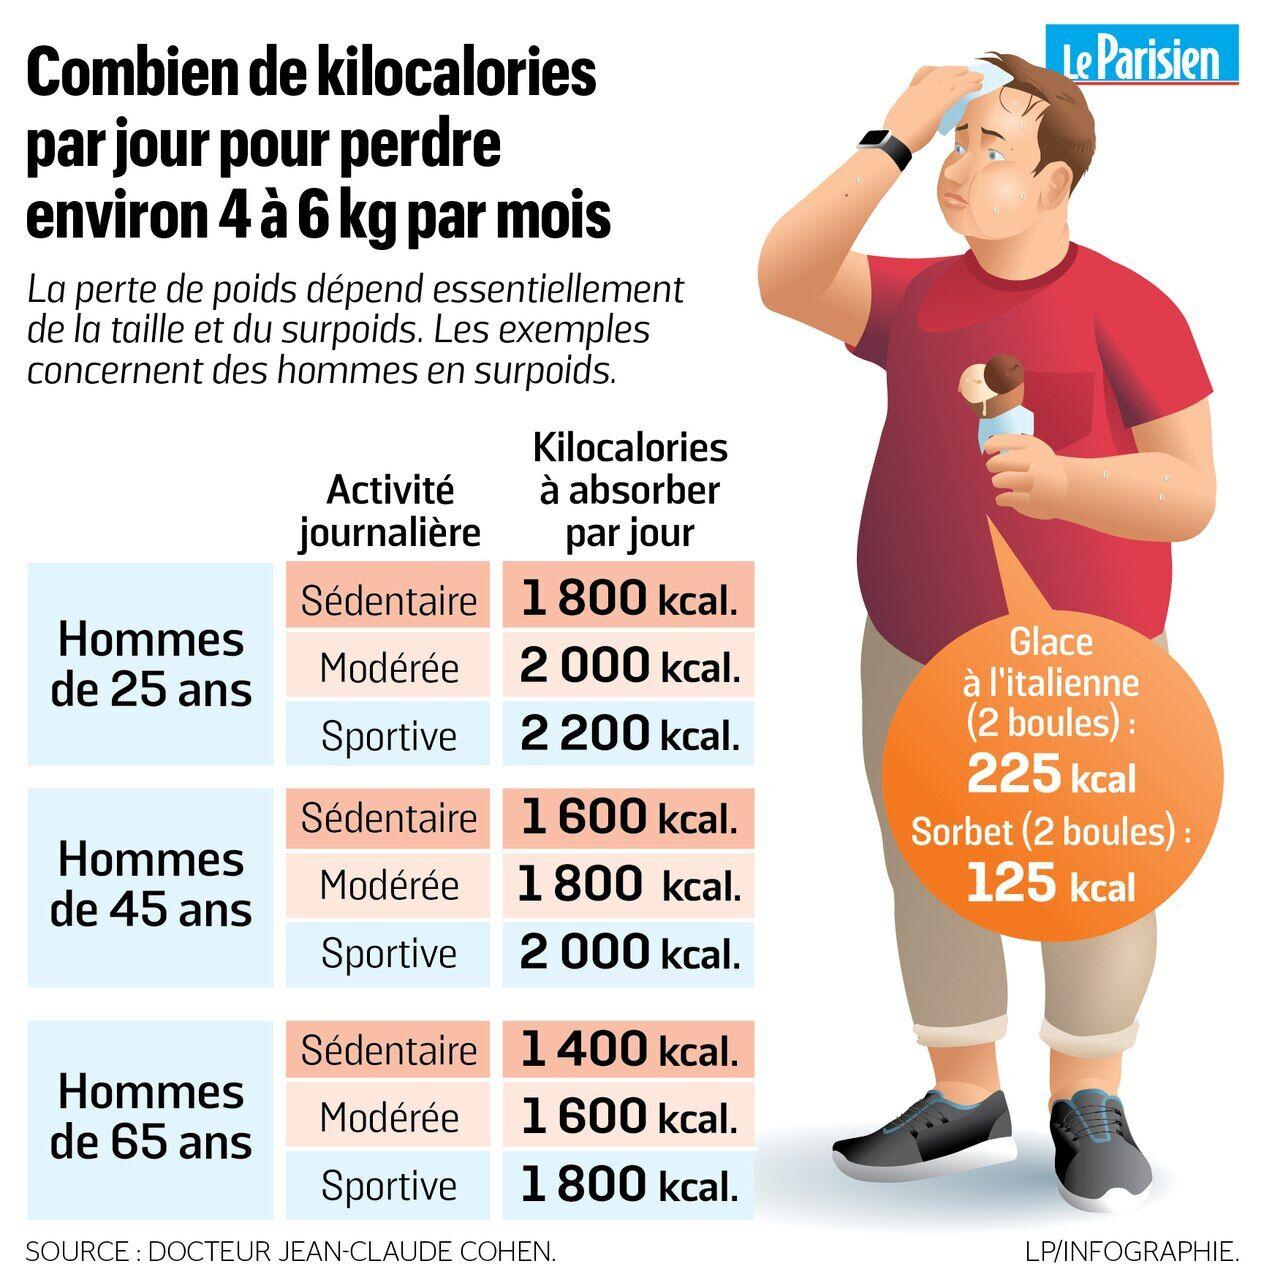 Un homme de 45 ans ne peut pas perdre de poids xénadrine puissante perte de poids